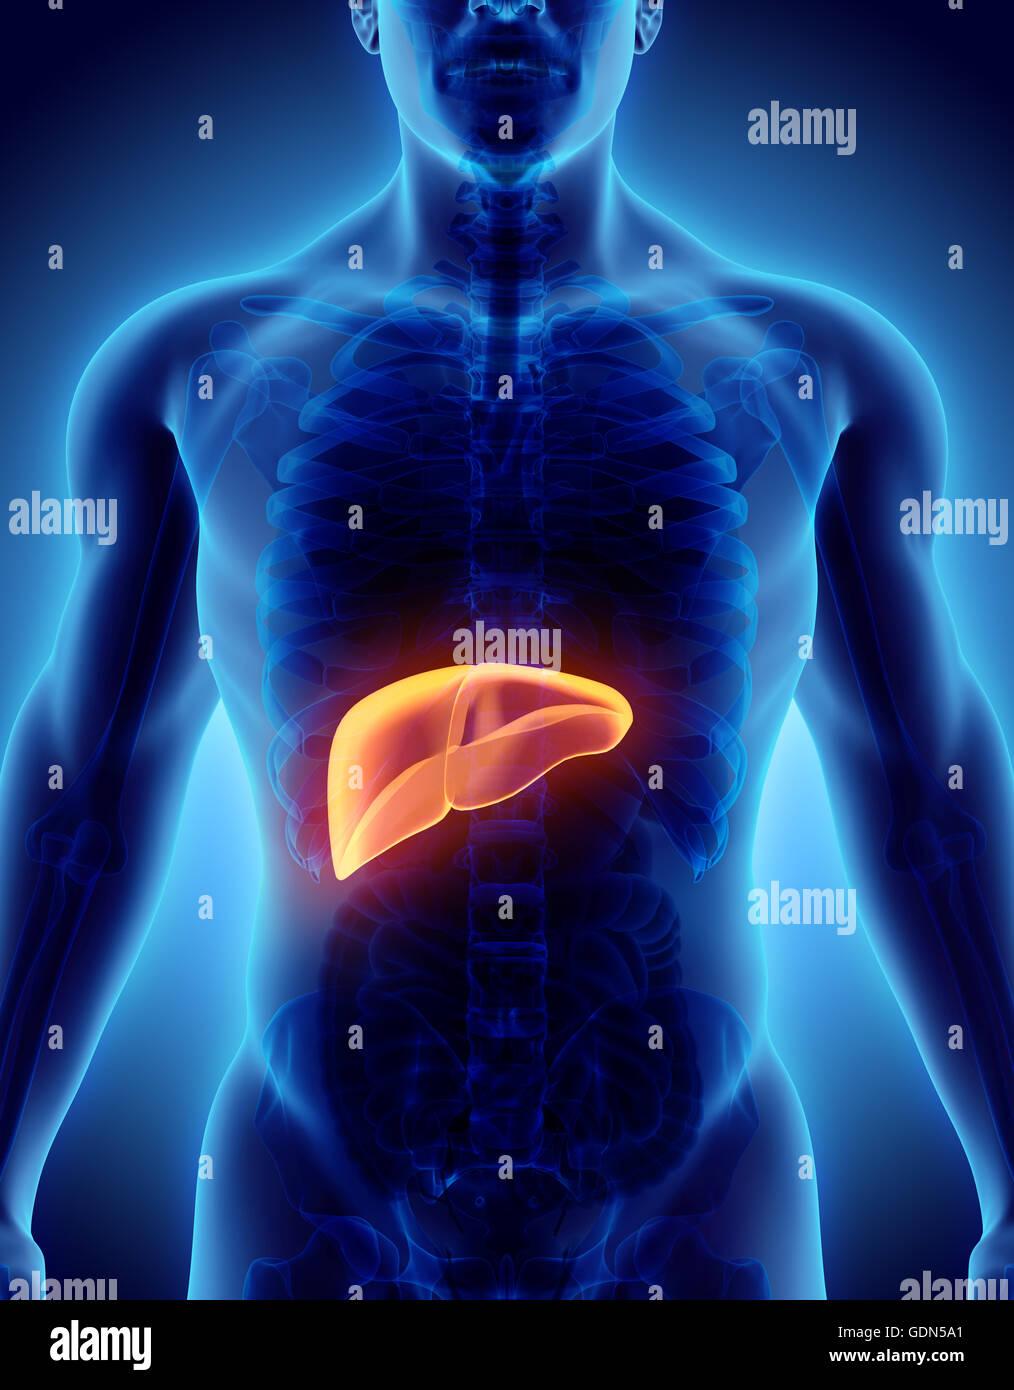 Ilustración 3D de color naranja brillante de Hígado - Parte del ...